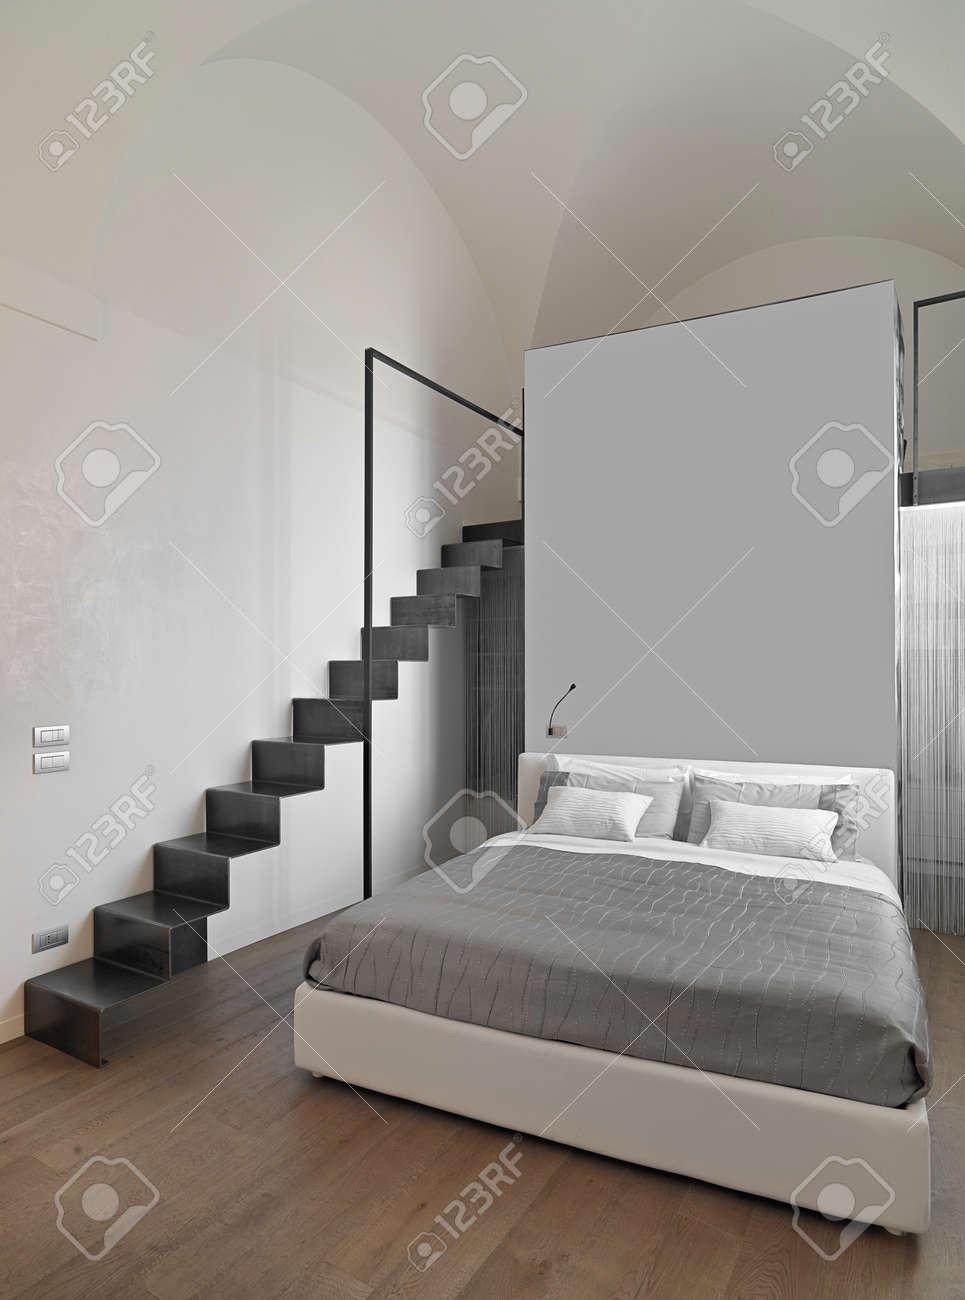 camera da letto moderna con scala in ferro, soppalco e pavimento ... - Soppalco Camera Da Letto